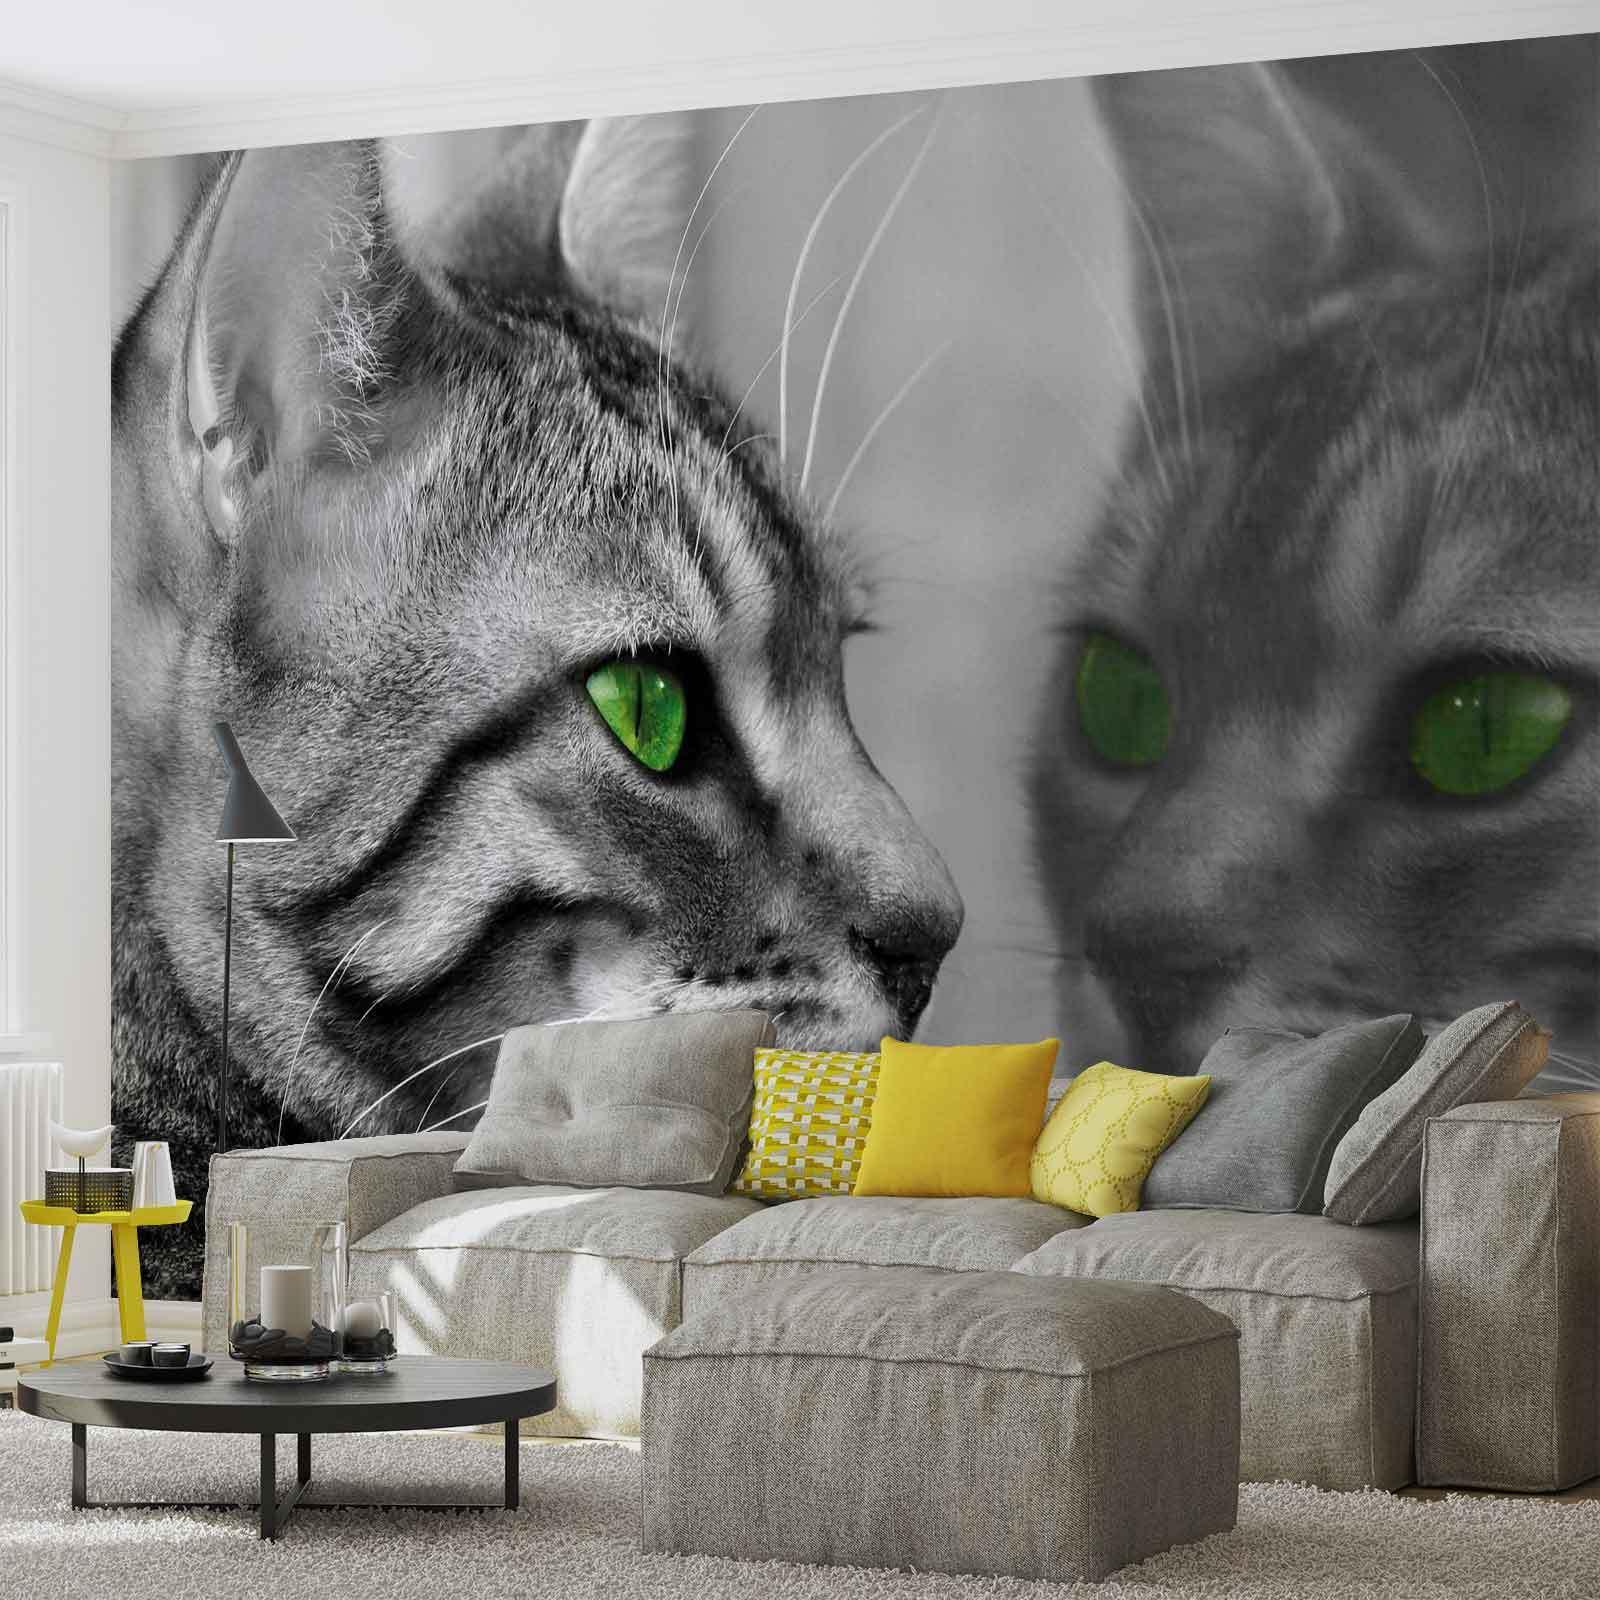 Tapete Vlies Fototapete Natur Tierwelt Tiere Hauskatze Katze mit grünen Augen